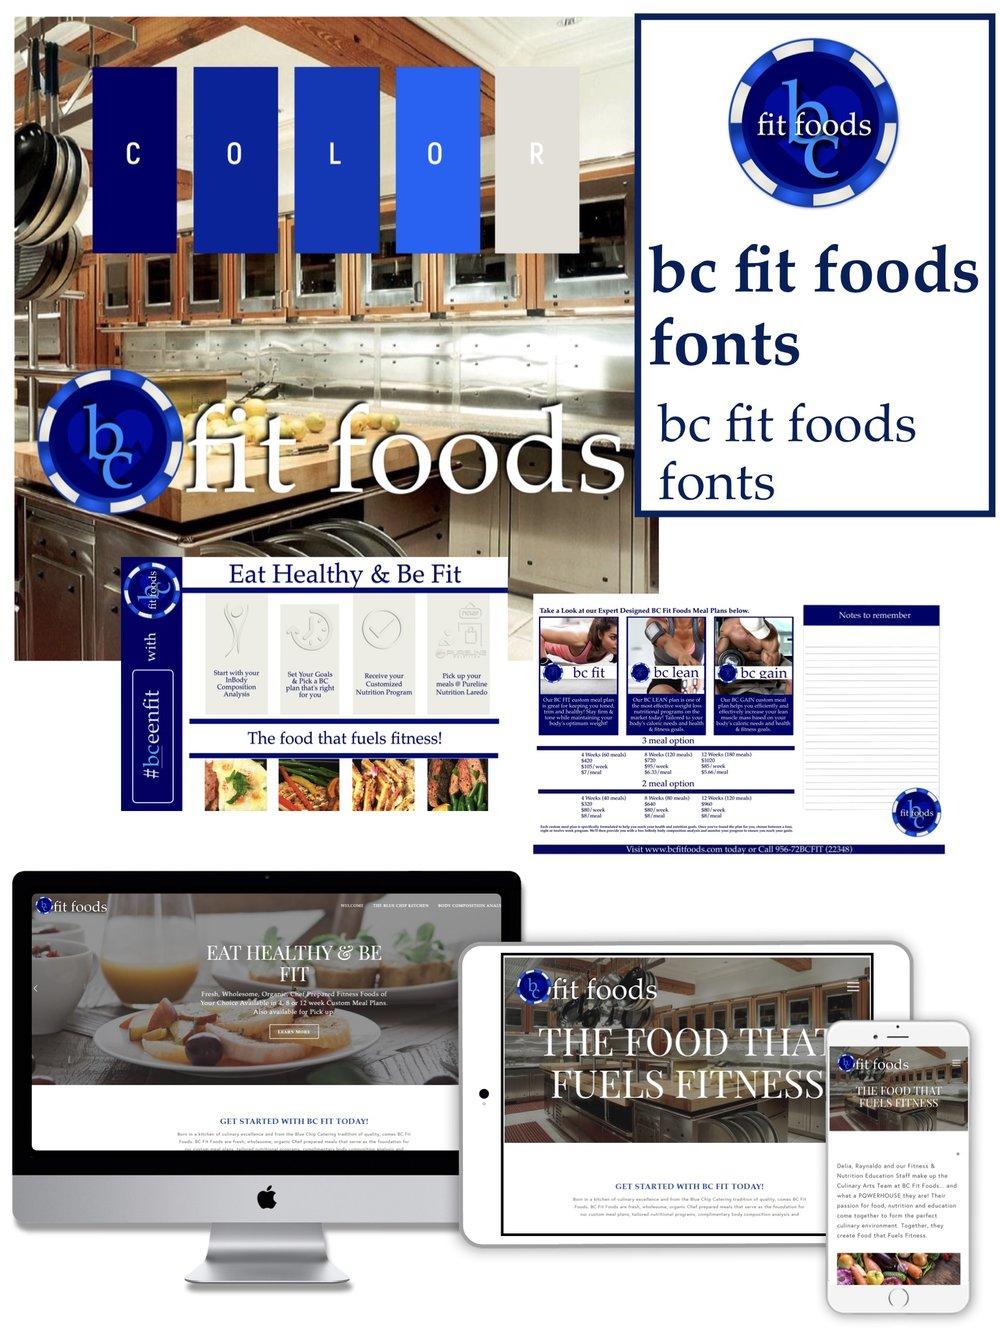 BCFITFOODS.COM